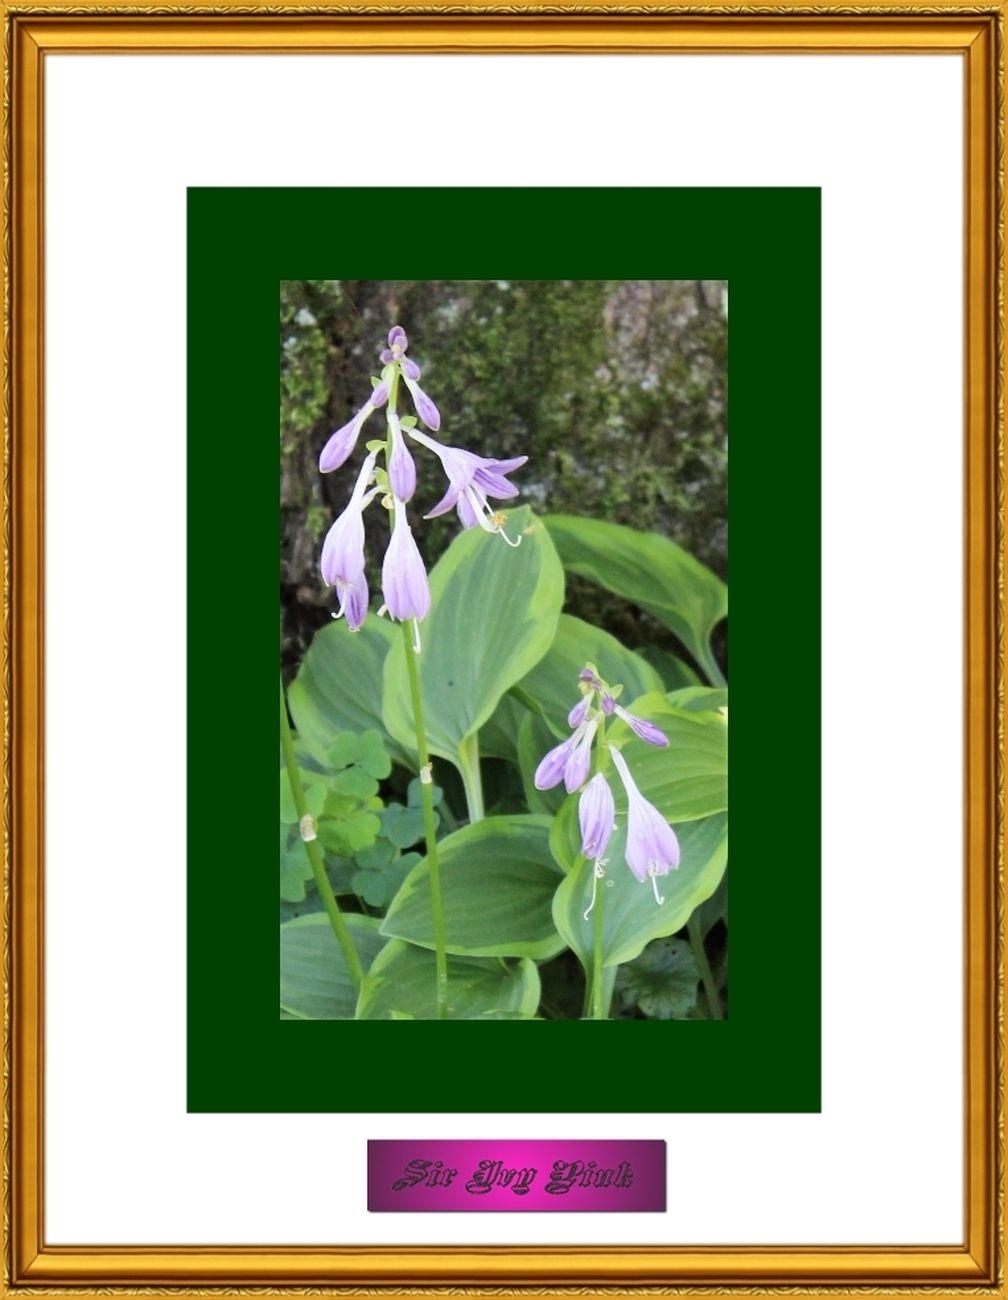 Flower Art 9 of 9